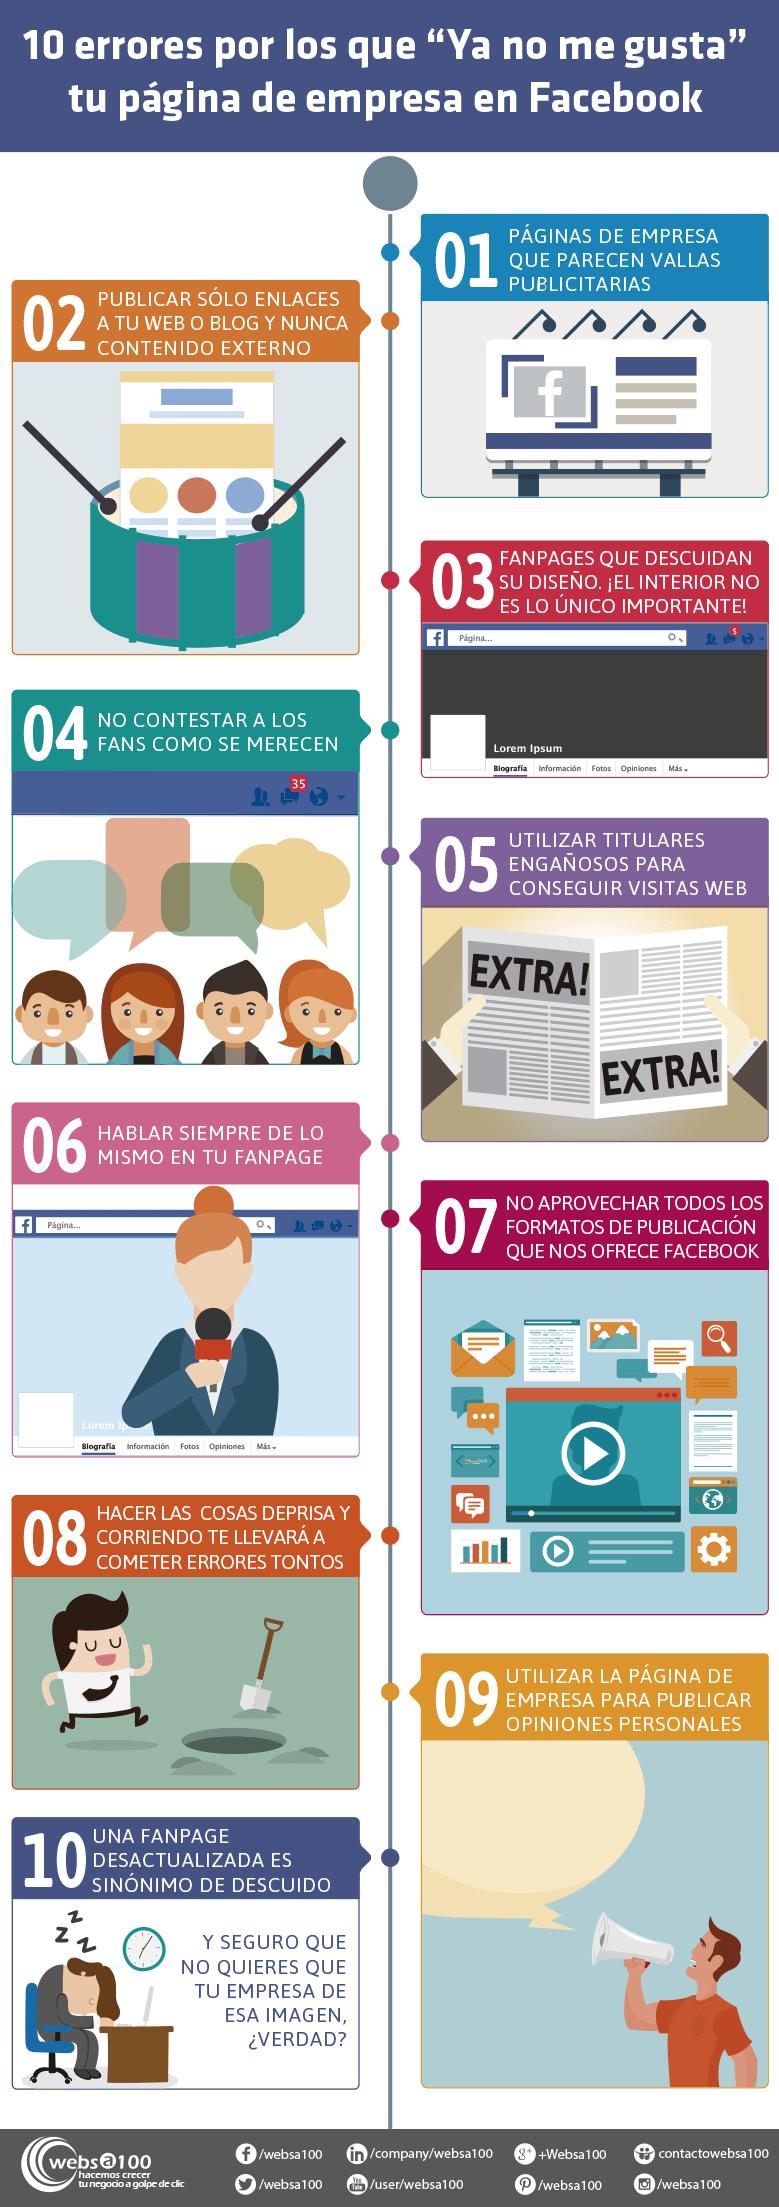 Infografía con 10 errores en páginas de Facebook